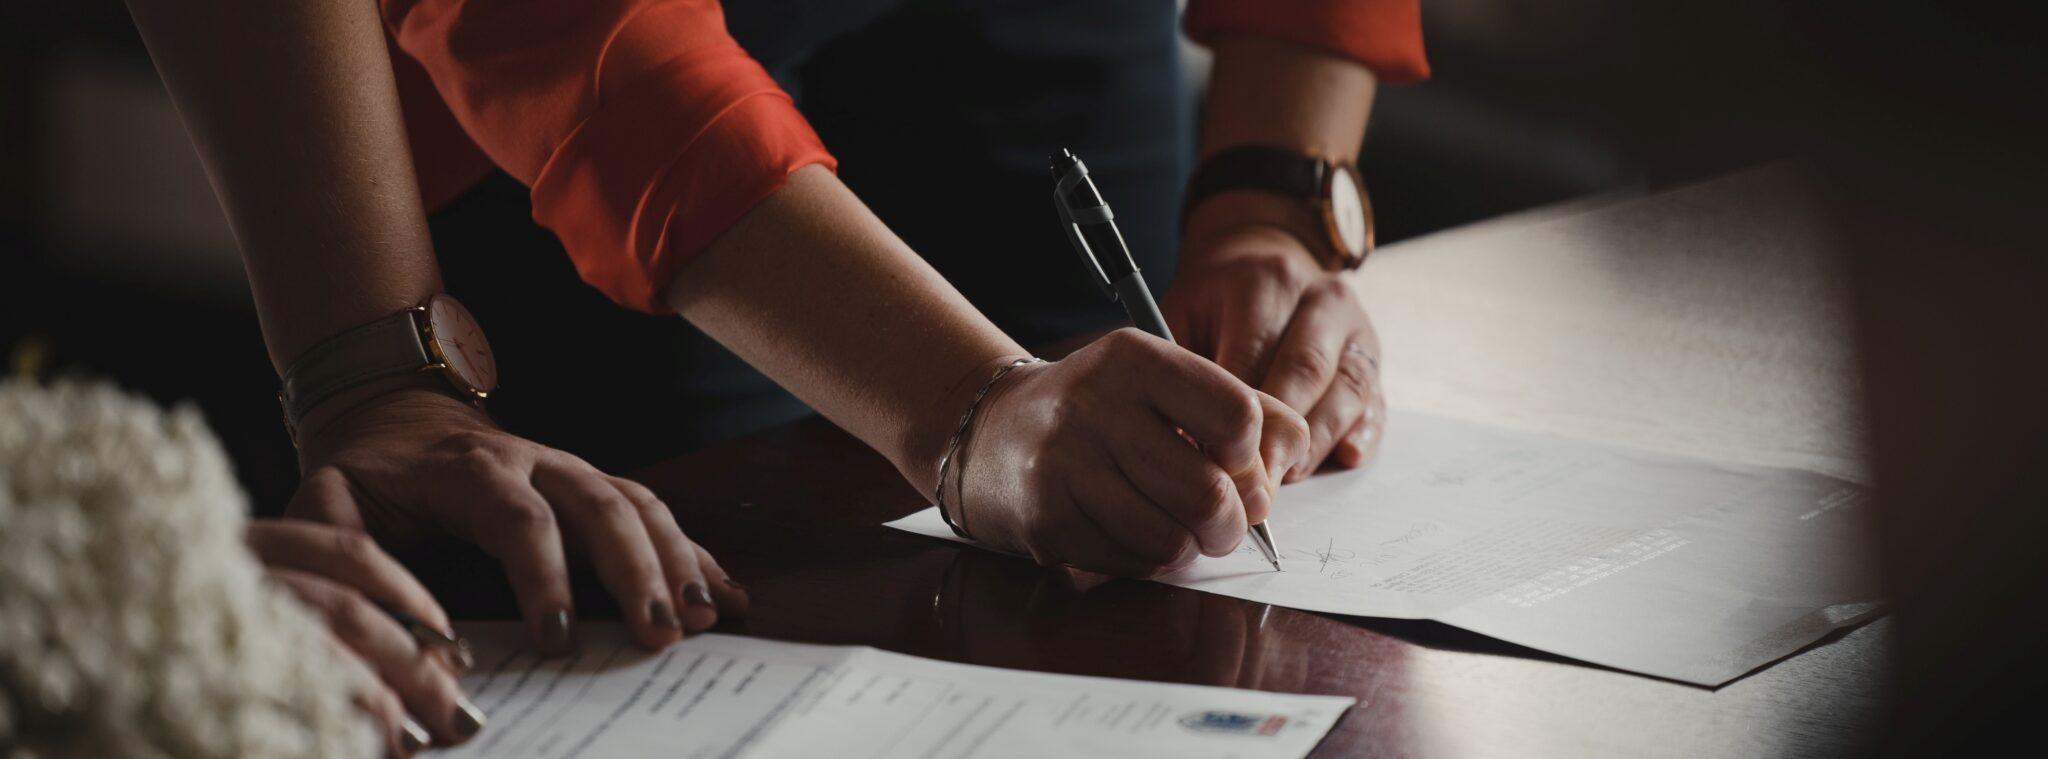 Sähköinen allekirjoitus laajenee – nyt tuki myös Assently E-sign -palvelulle